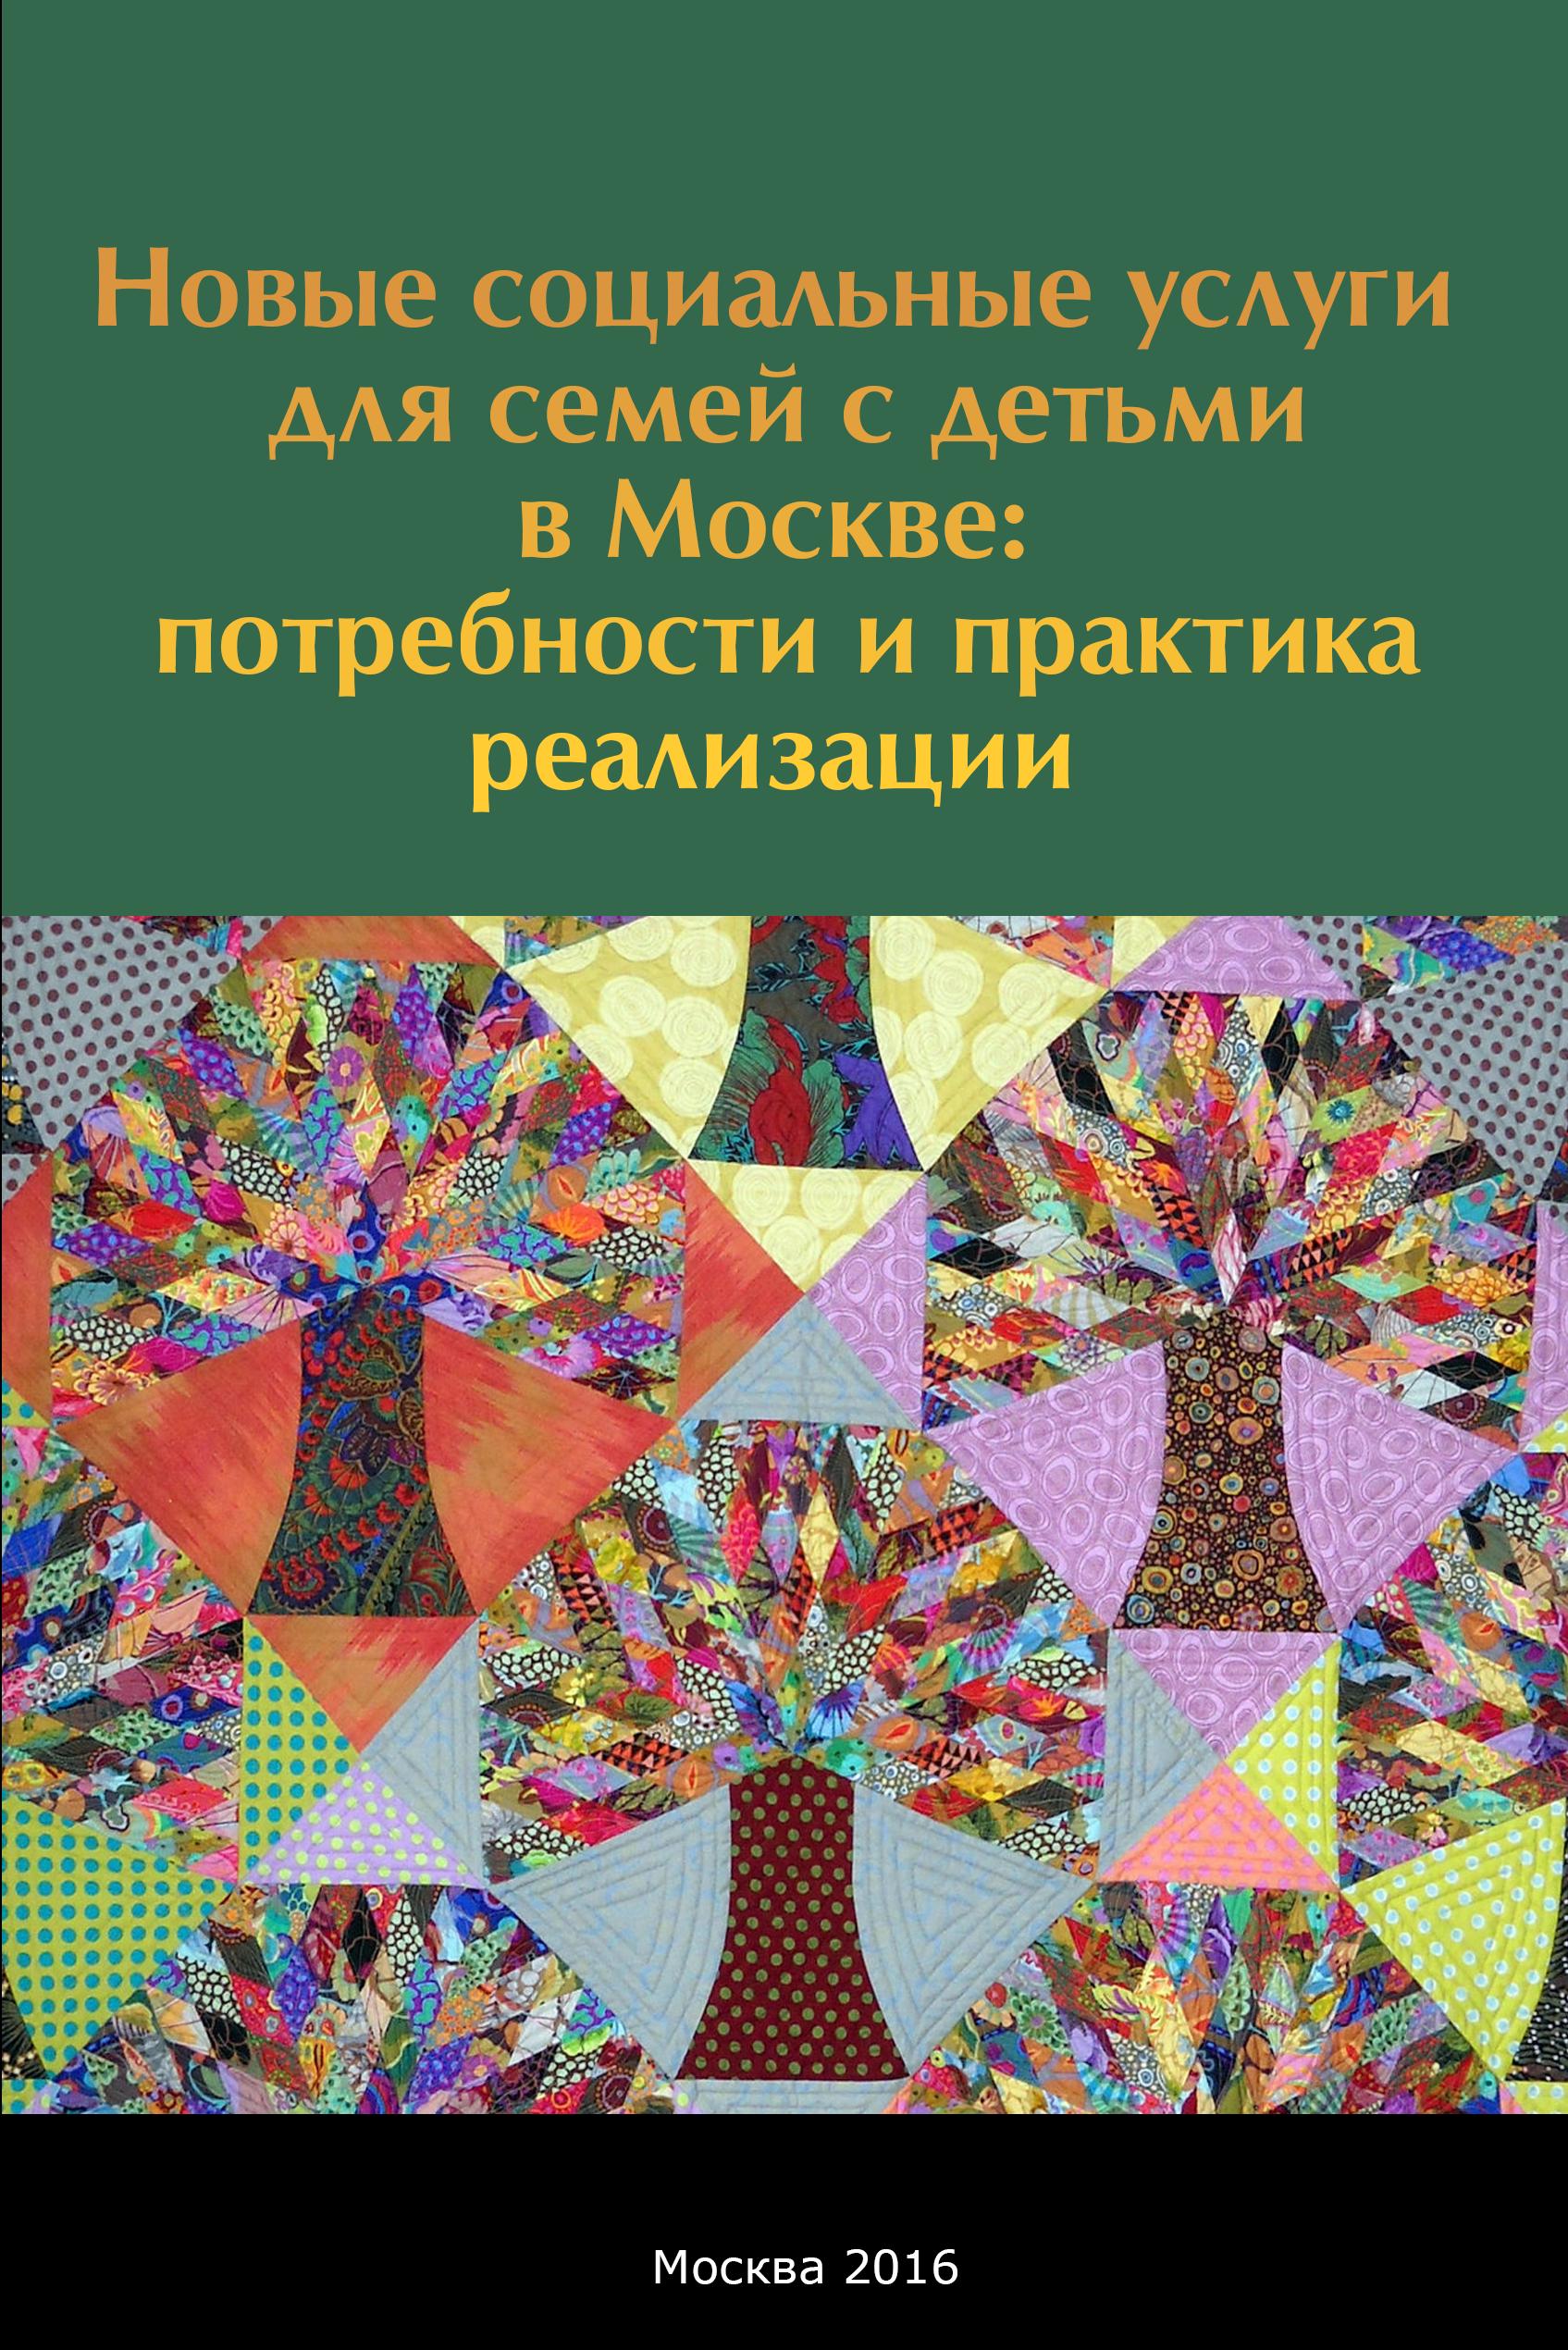 Новые социальные услуги для семей с детьми в Москве: потребности и практика реализации